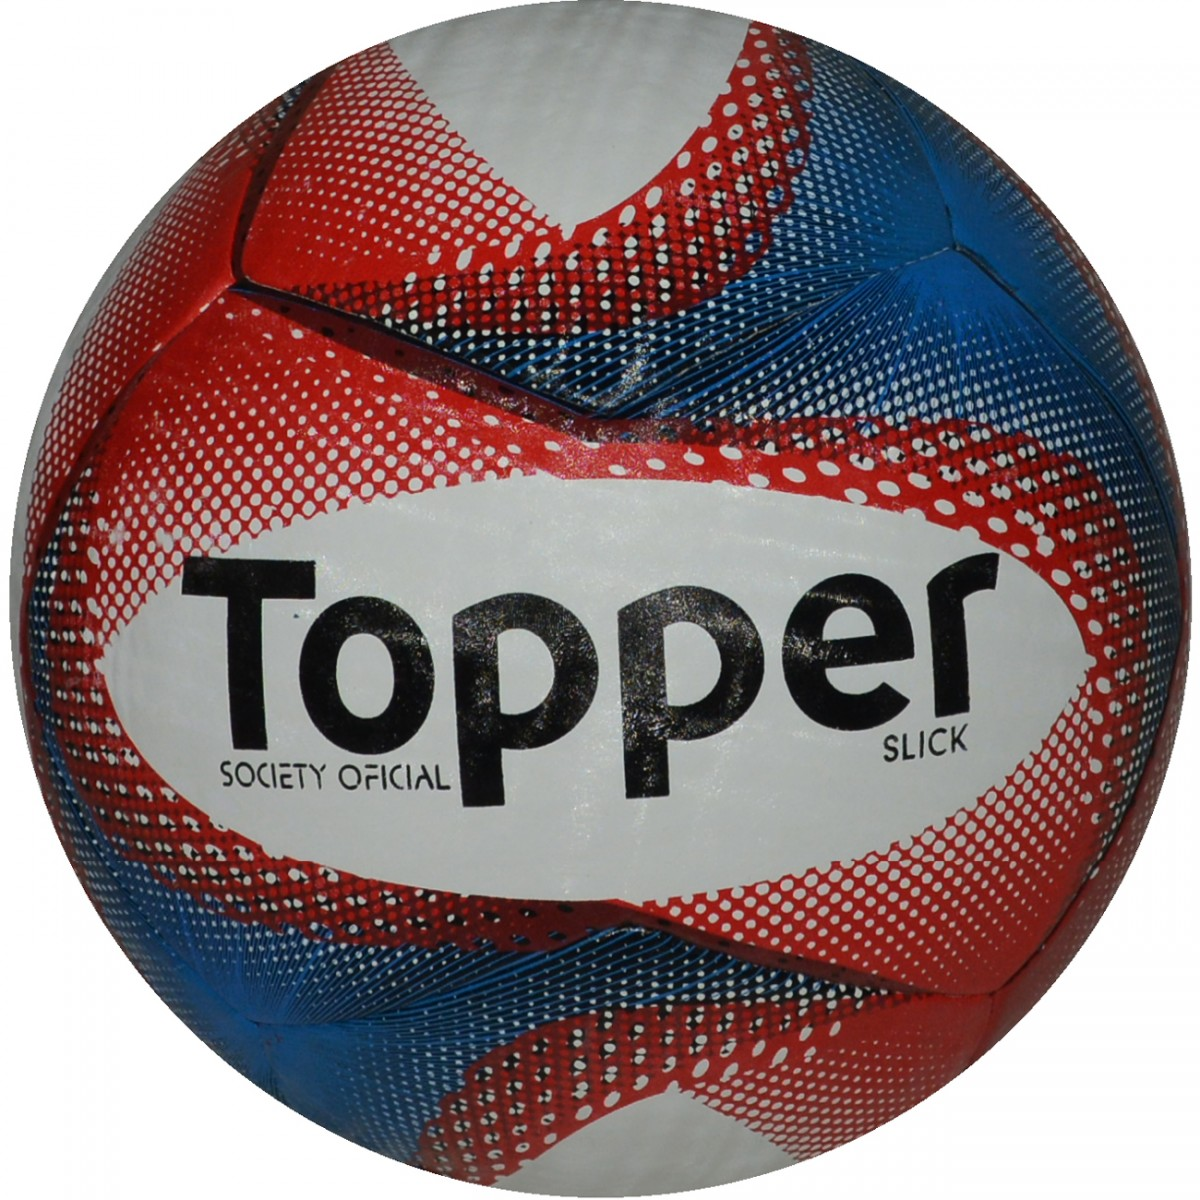 Bola Topper Slick Society 9025 - Branco Azul Vermelho - Chuteira Nike 772351d7ecdcc